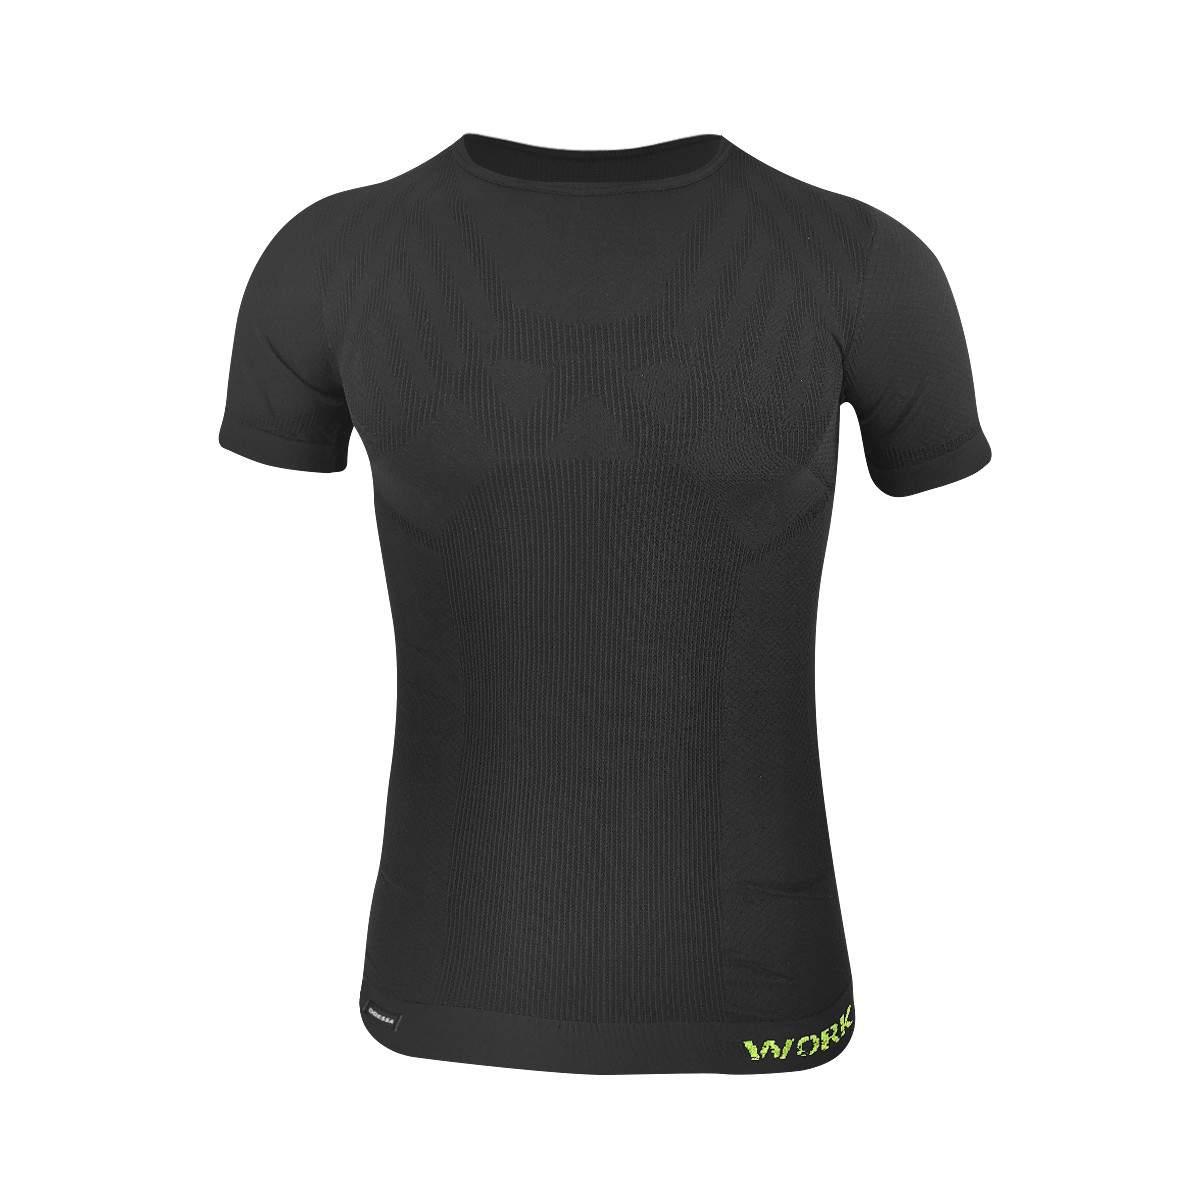 Dressa Work rövid ujjú varrás nélküli férfi fitness és edző póló - fekete